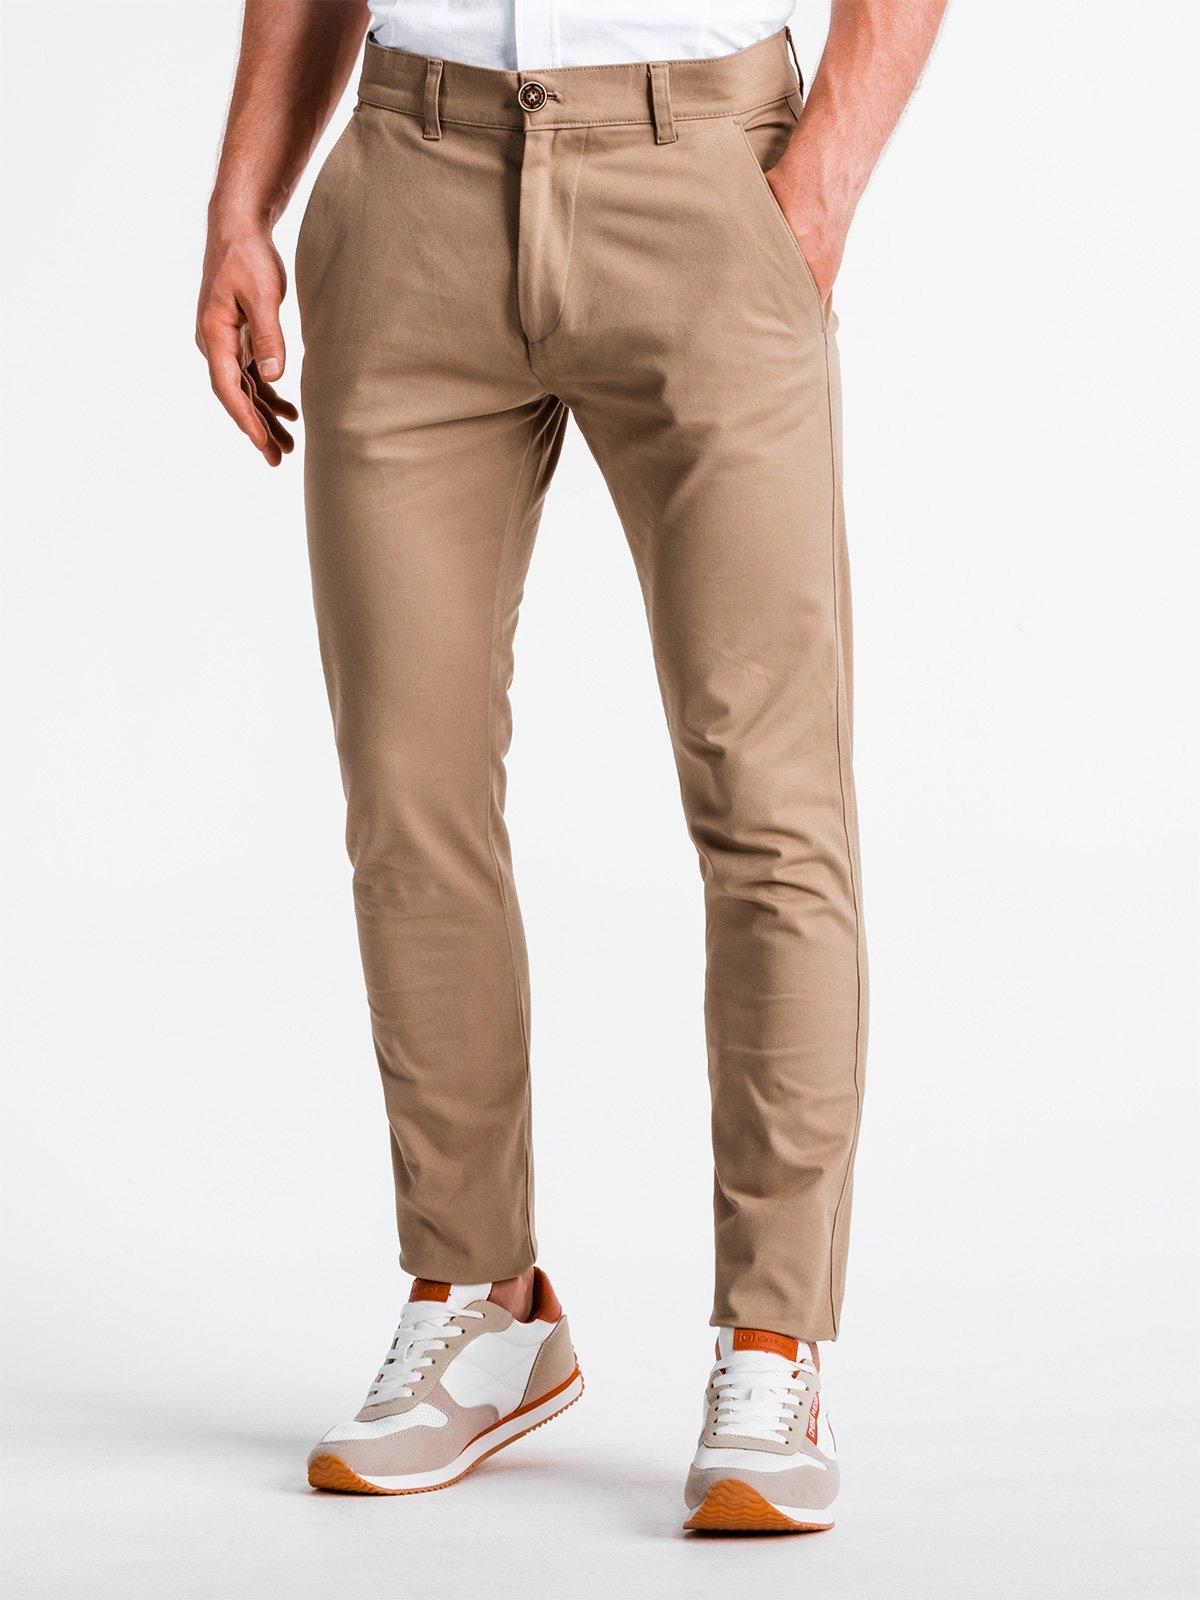 Levně Pánské chinos kalhoty P830 - béžové